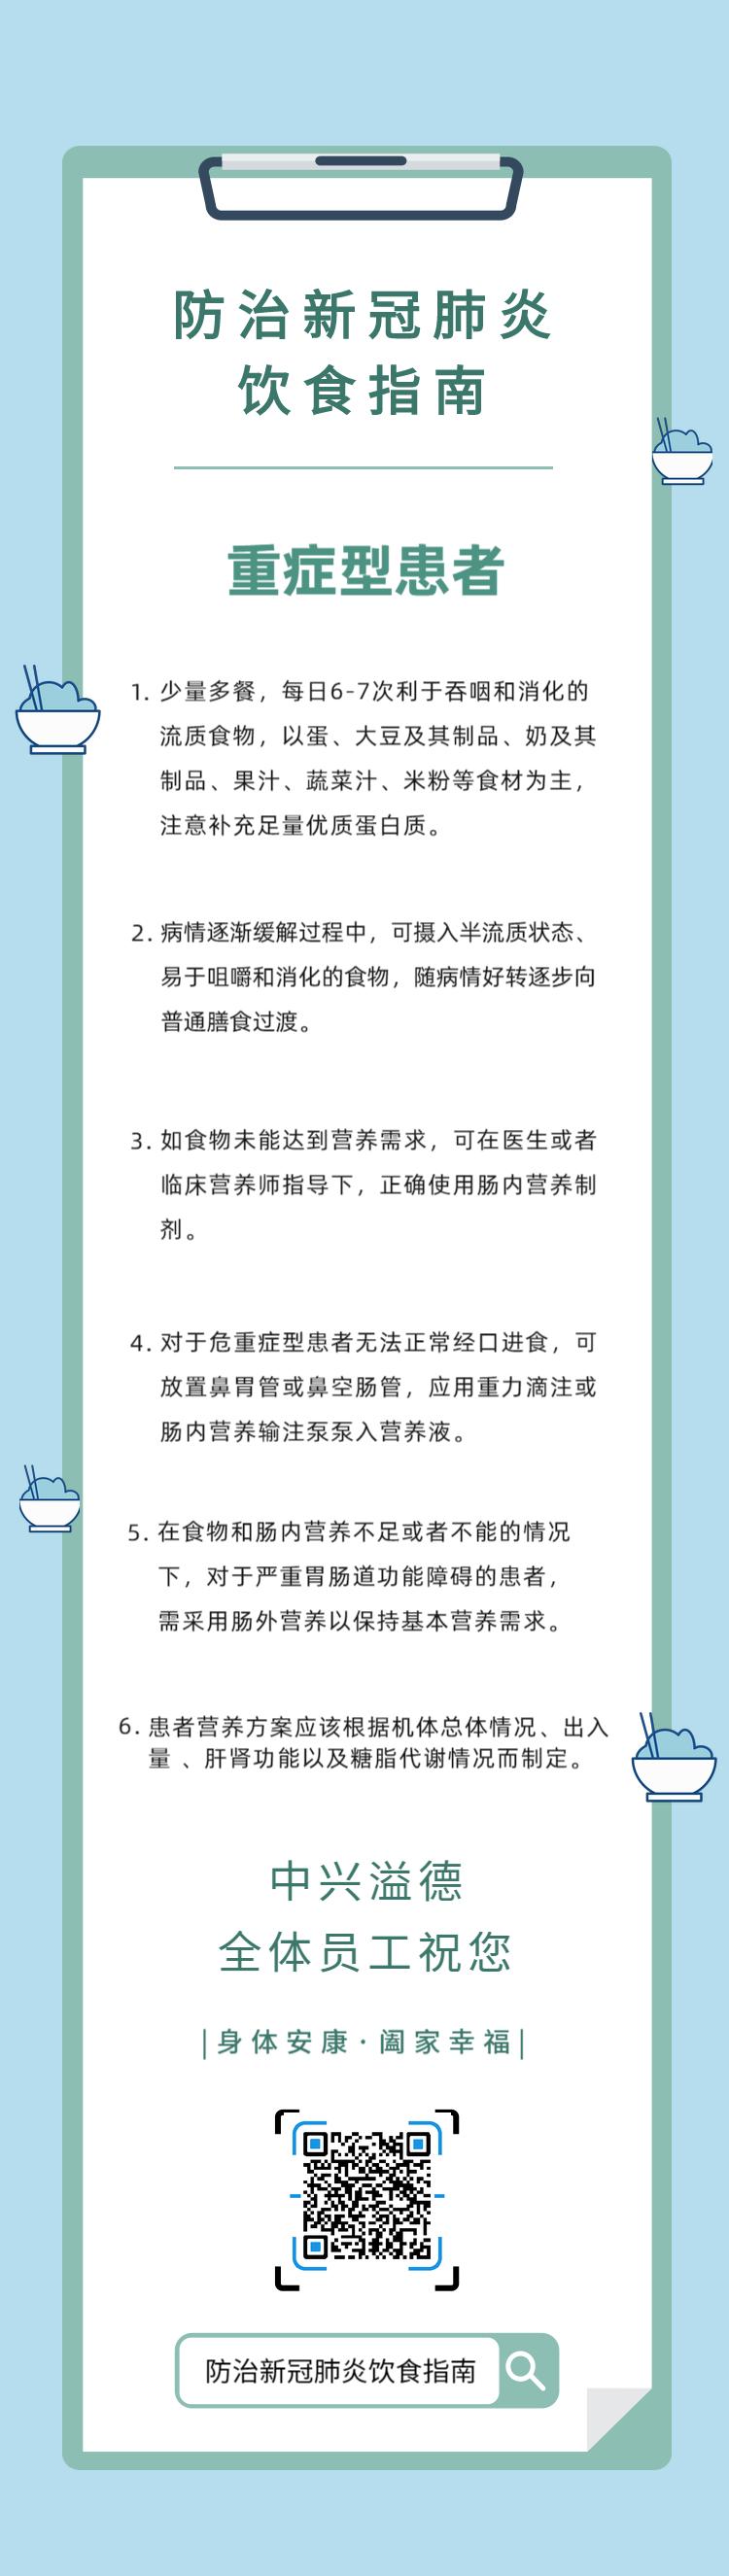 防治新冠肺炎饮食指南-5